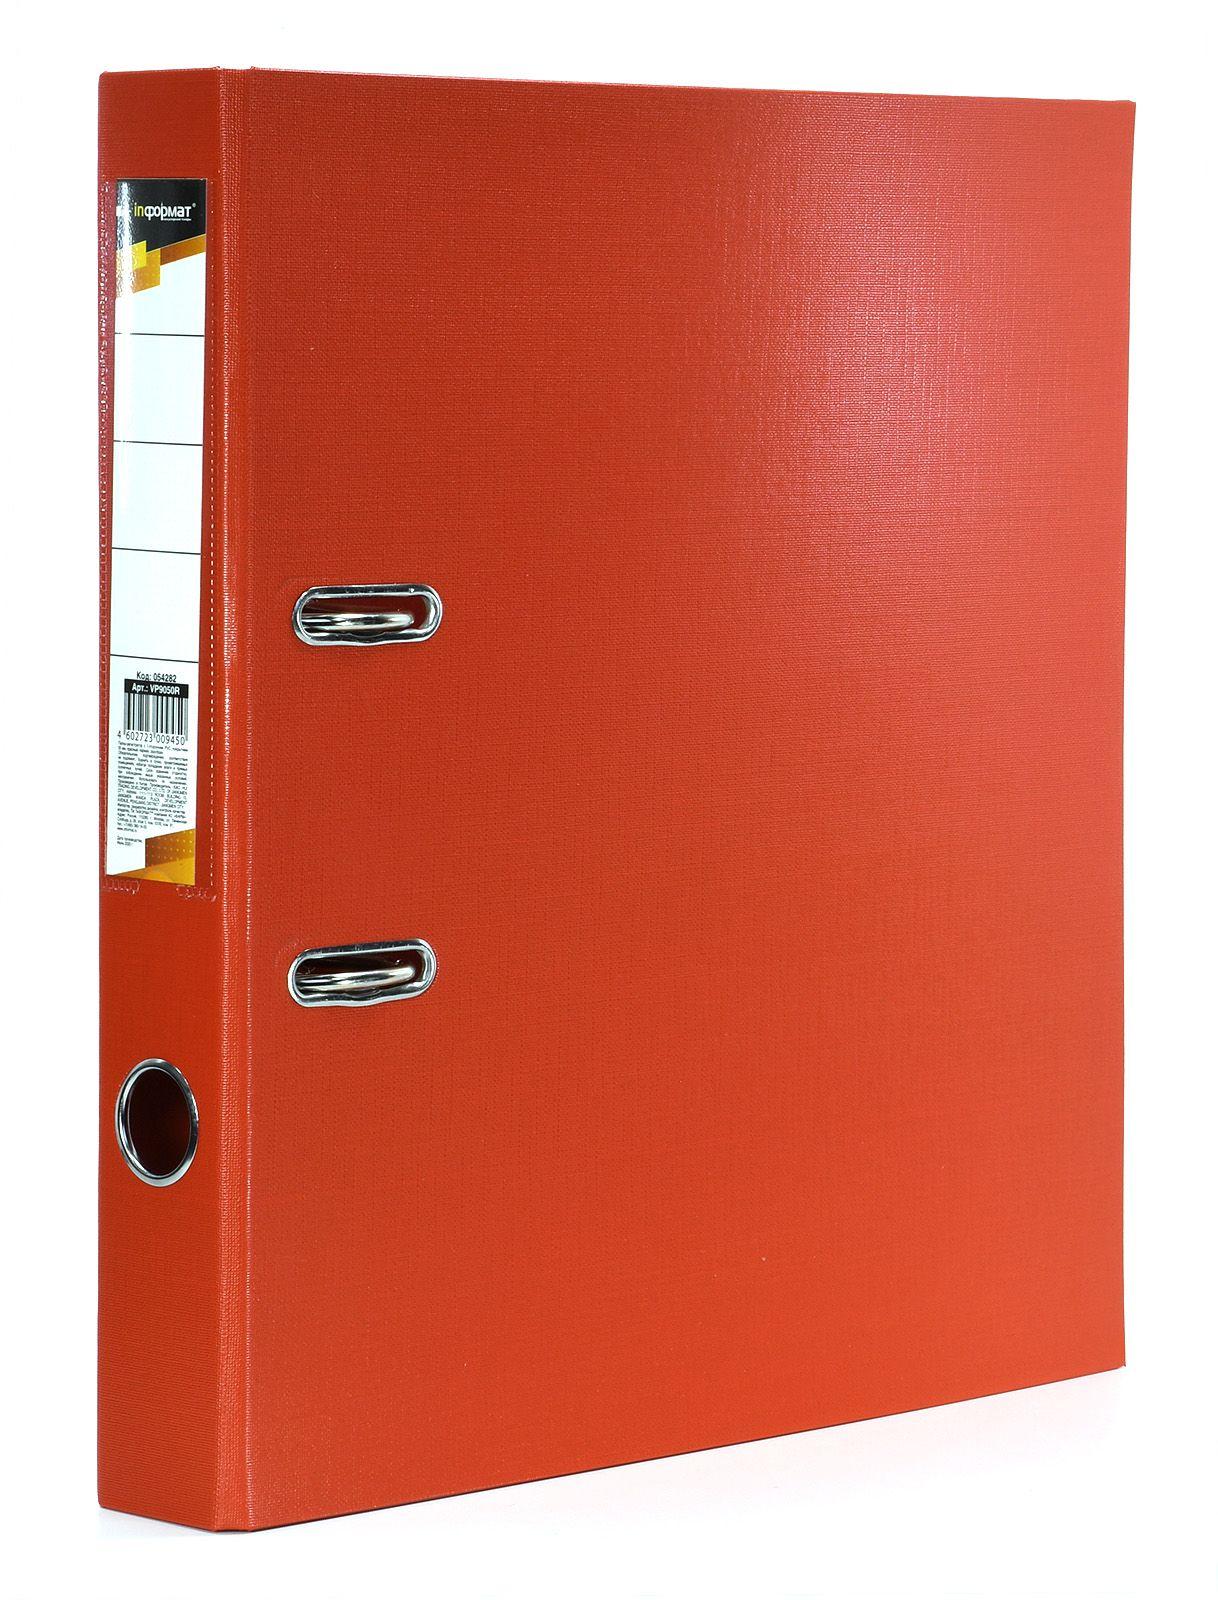 Папка-регистратор INFORMAT 55 мм одностороннее покрытие PVC, красная